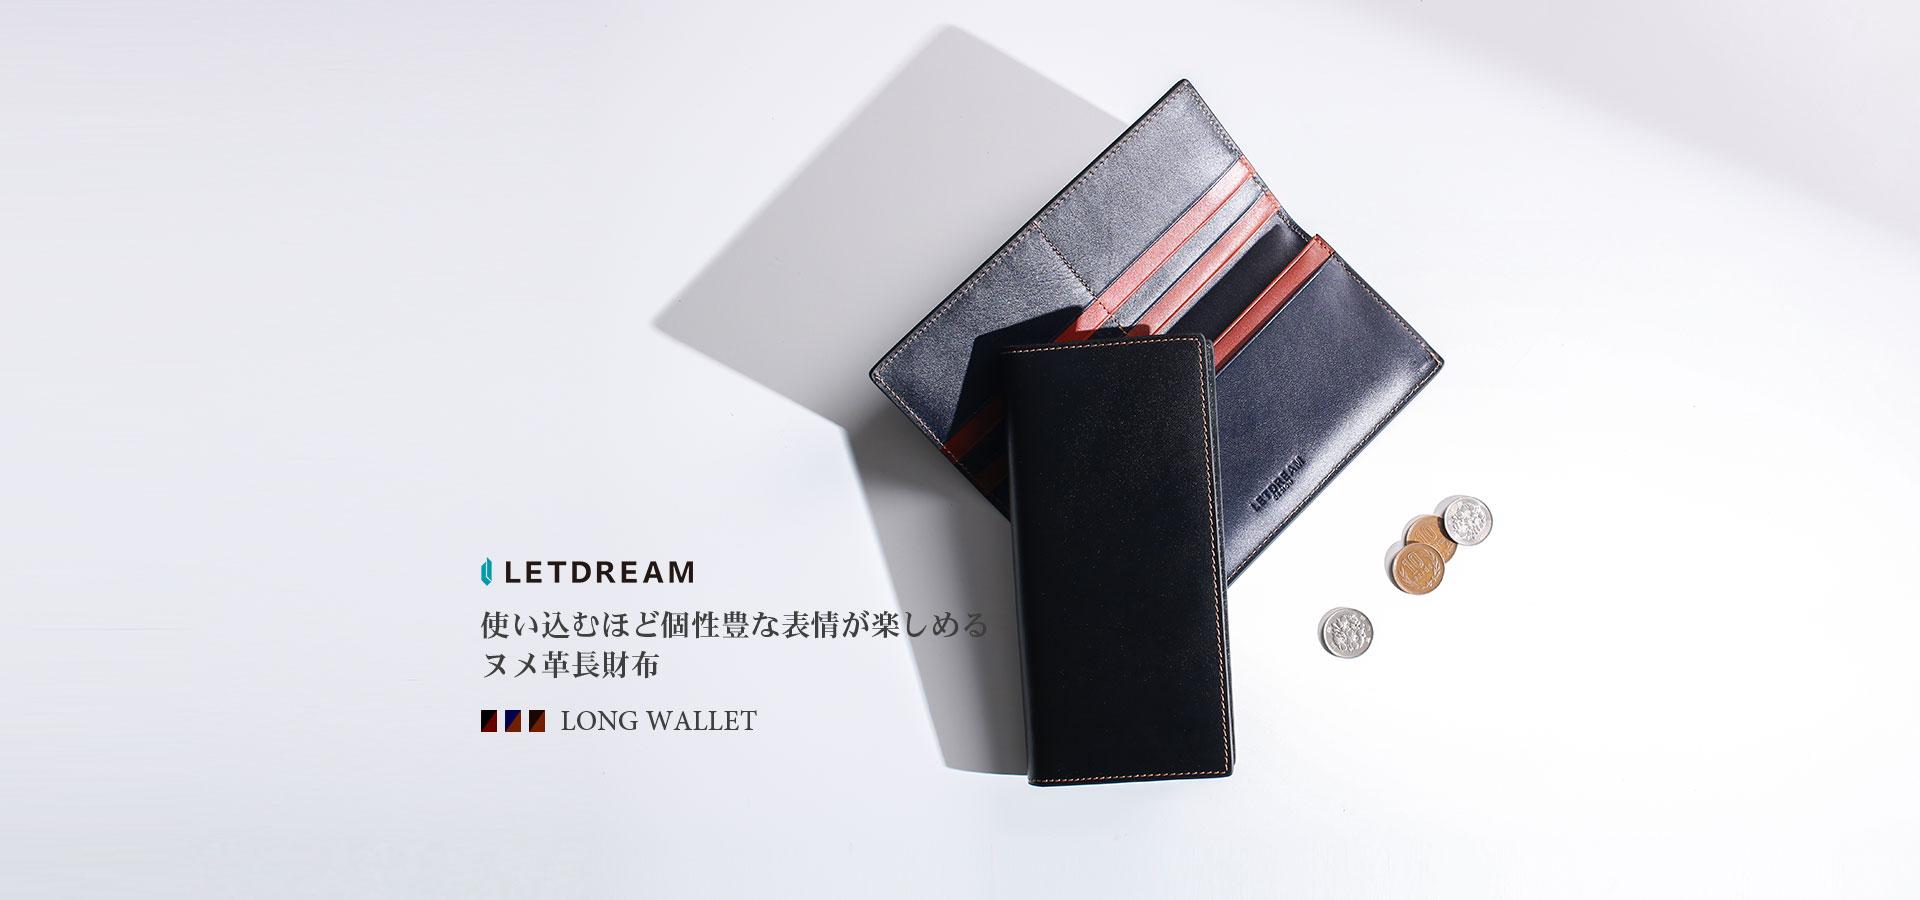 使い込むほど個性豊かな表情が楽しめる ヌメ革長財布